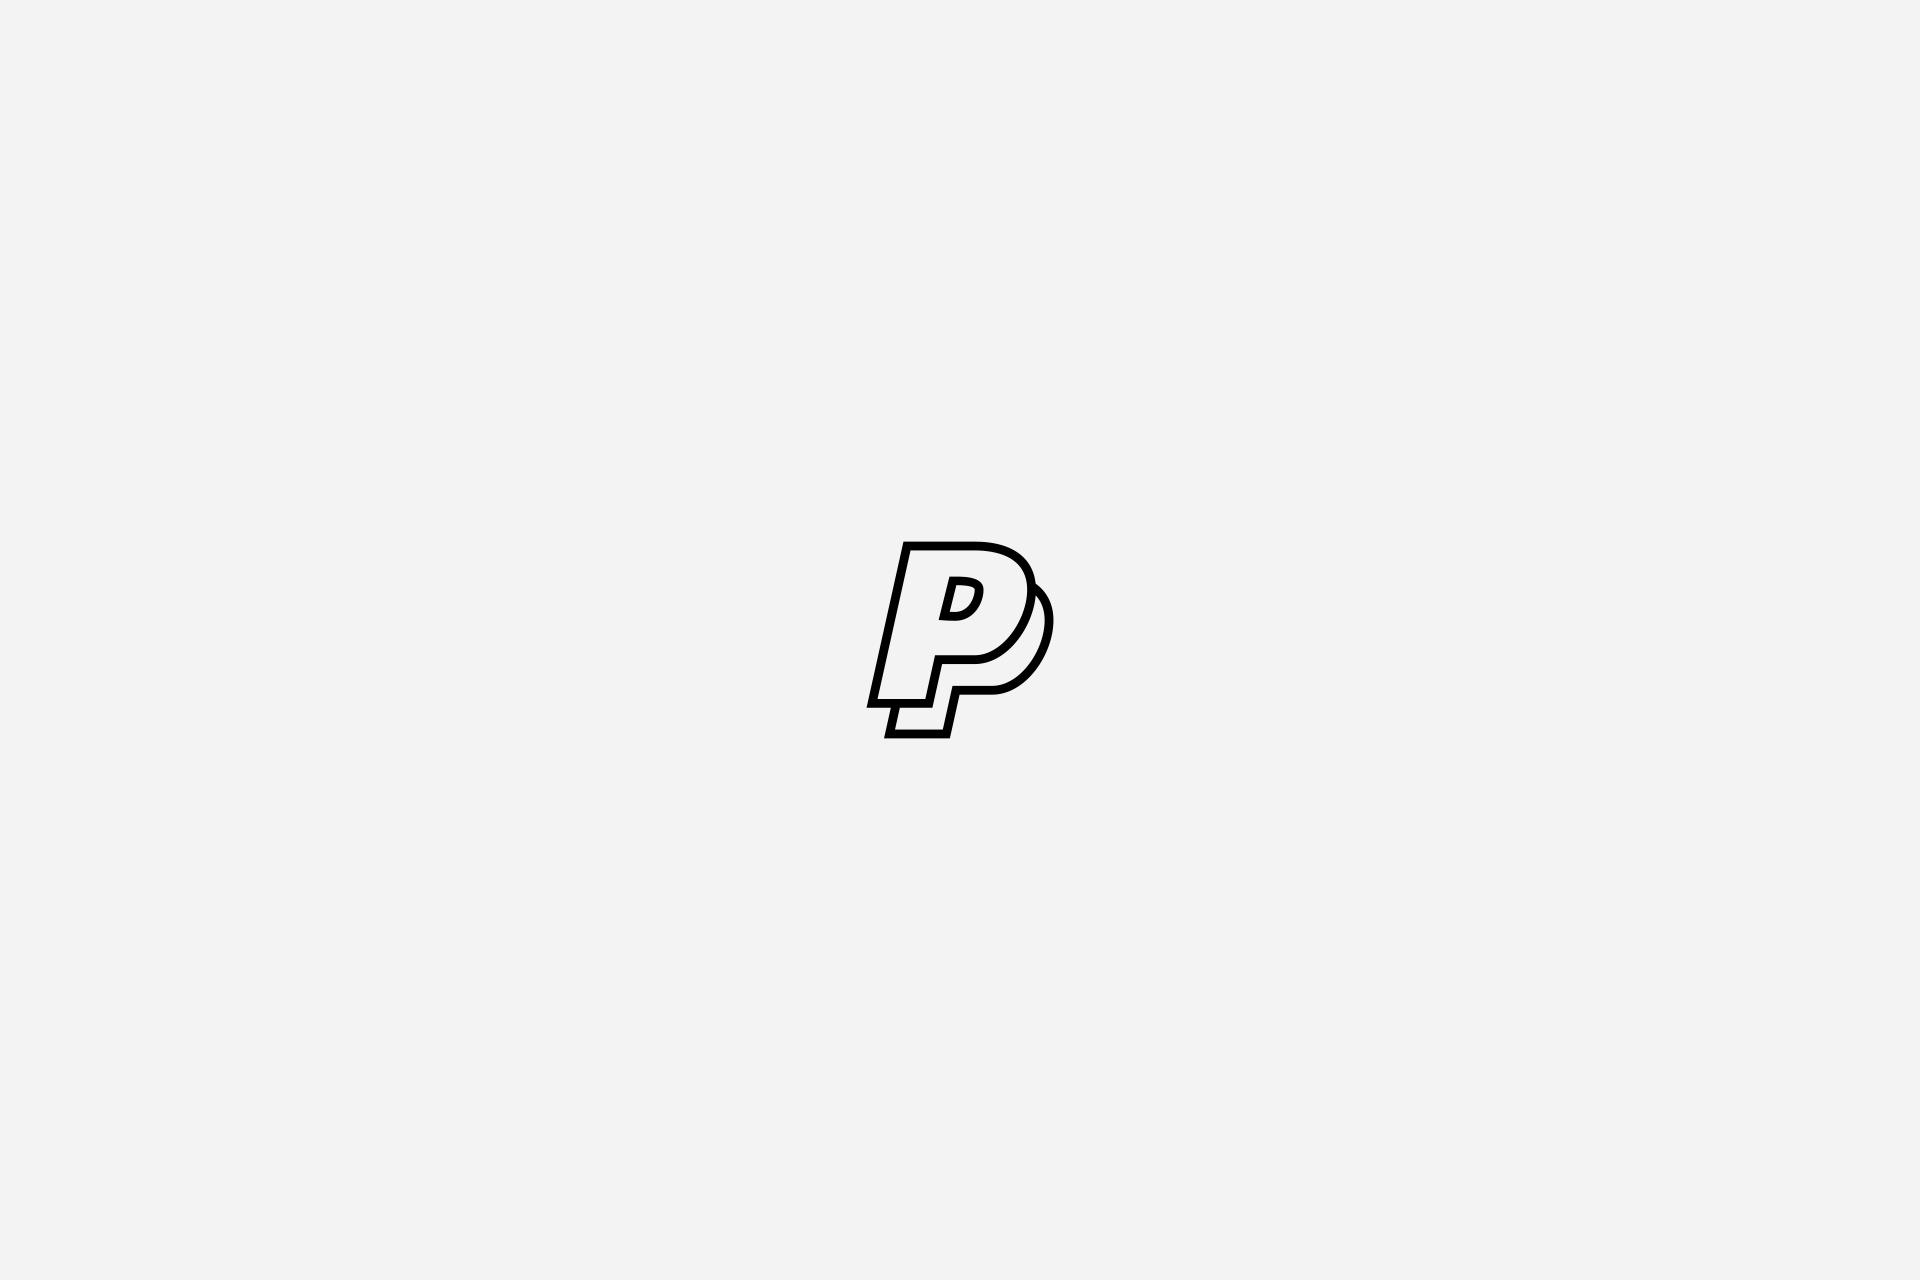 درآمد دلاری, طراحی لوگو